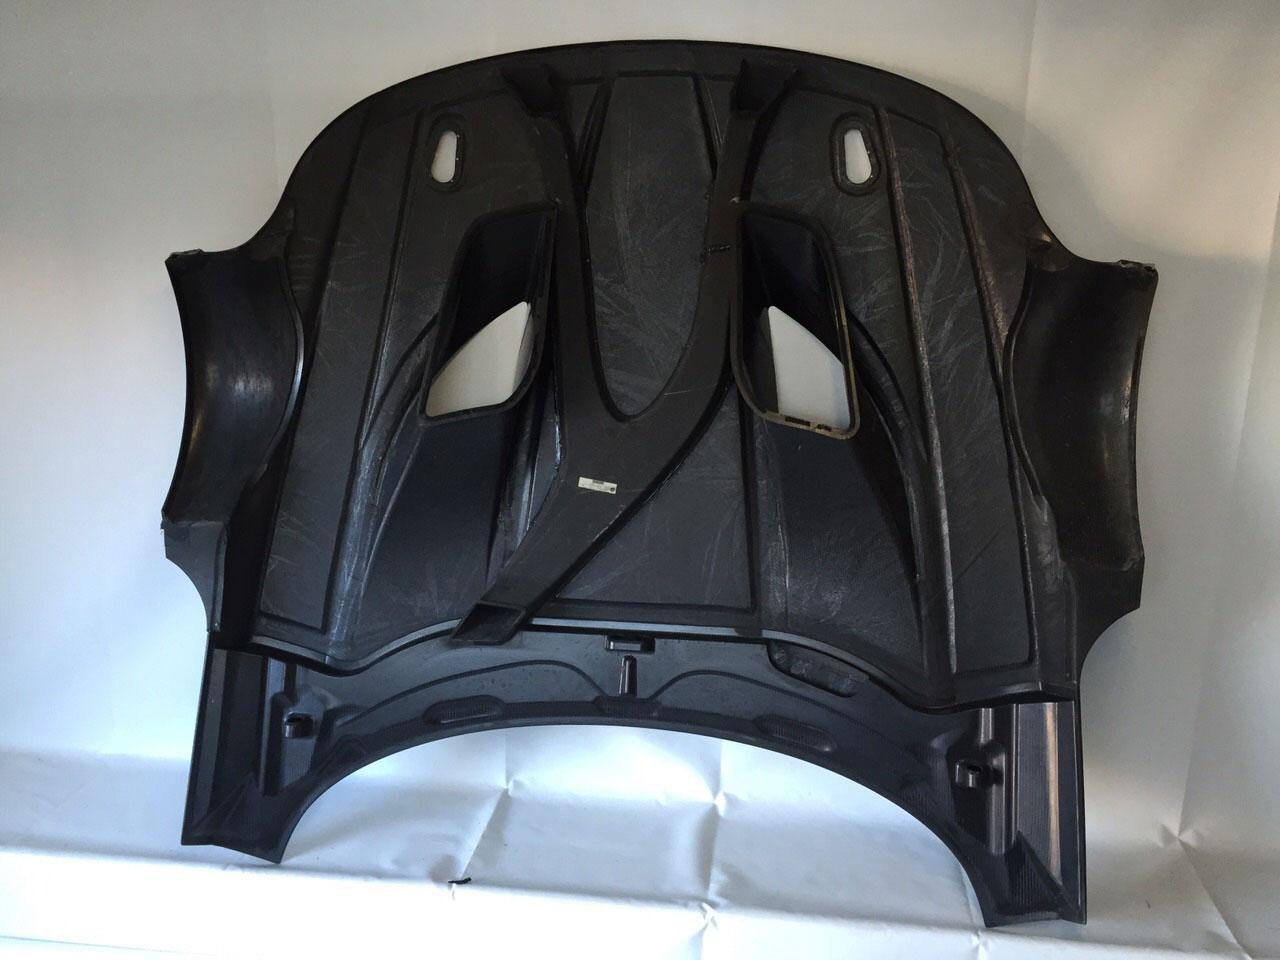 BMW-Z4-GT-Front-vented-hood-inside